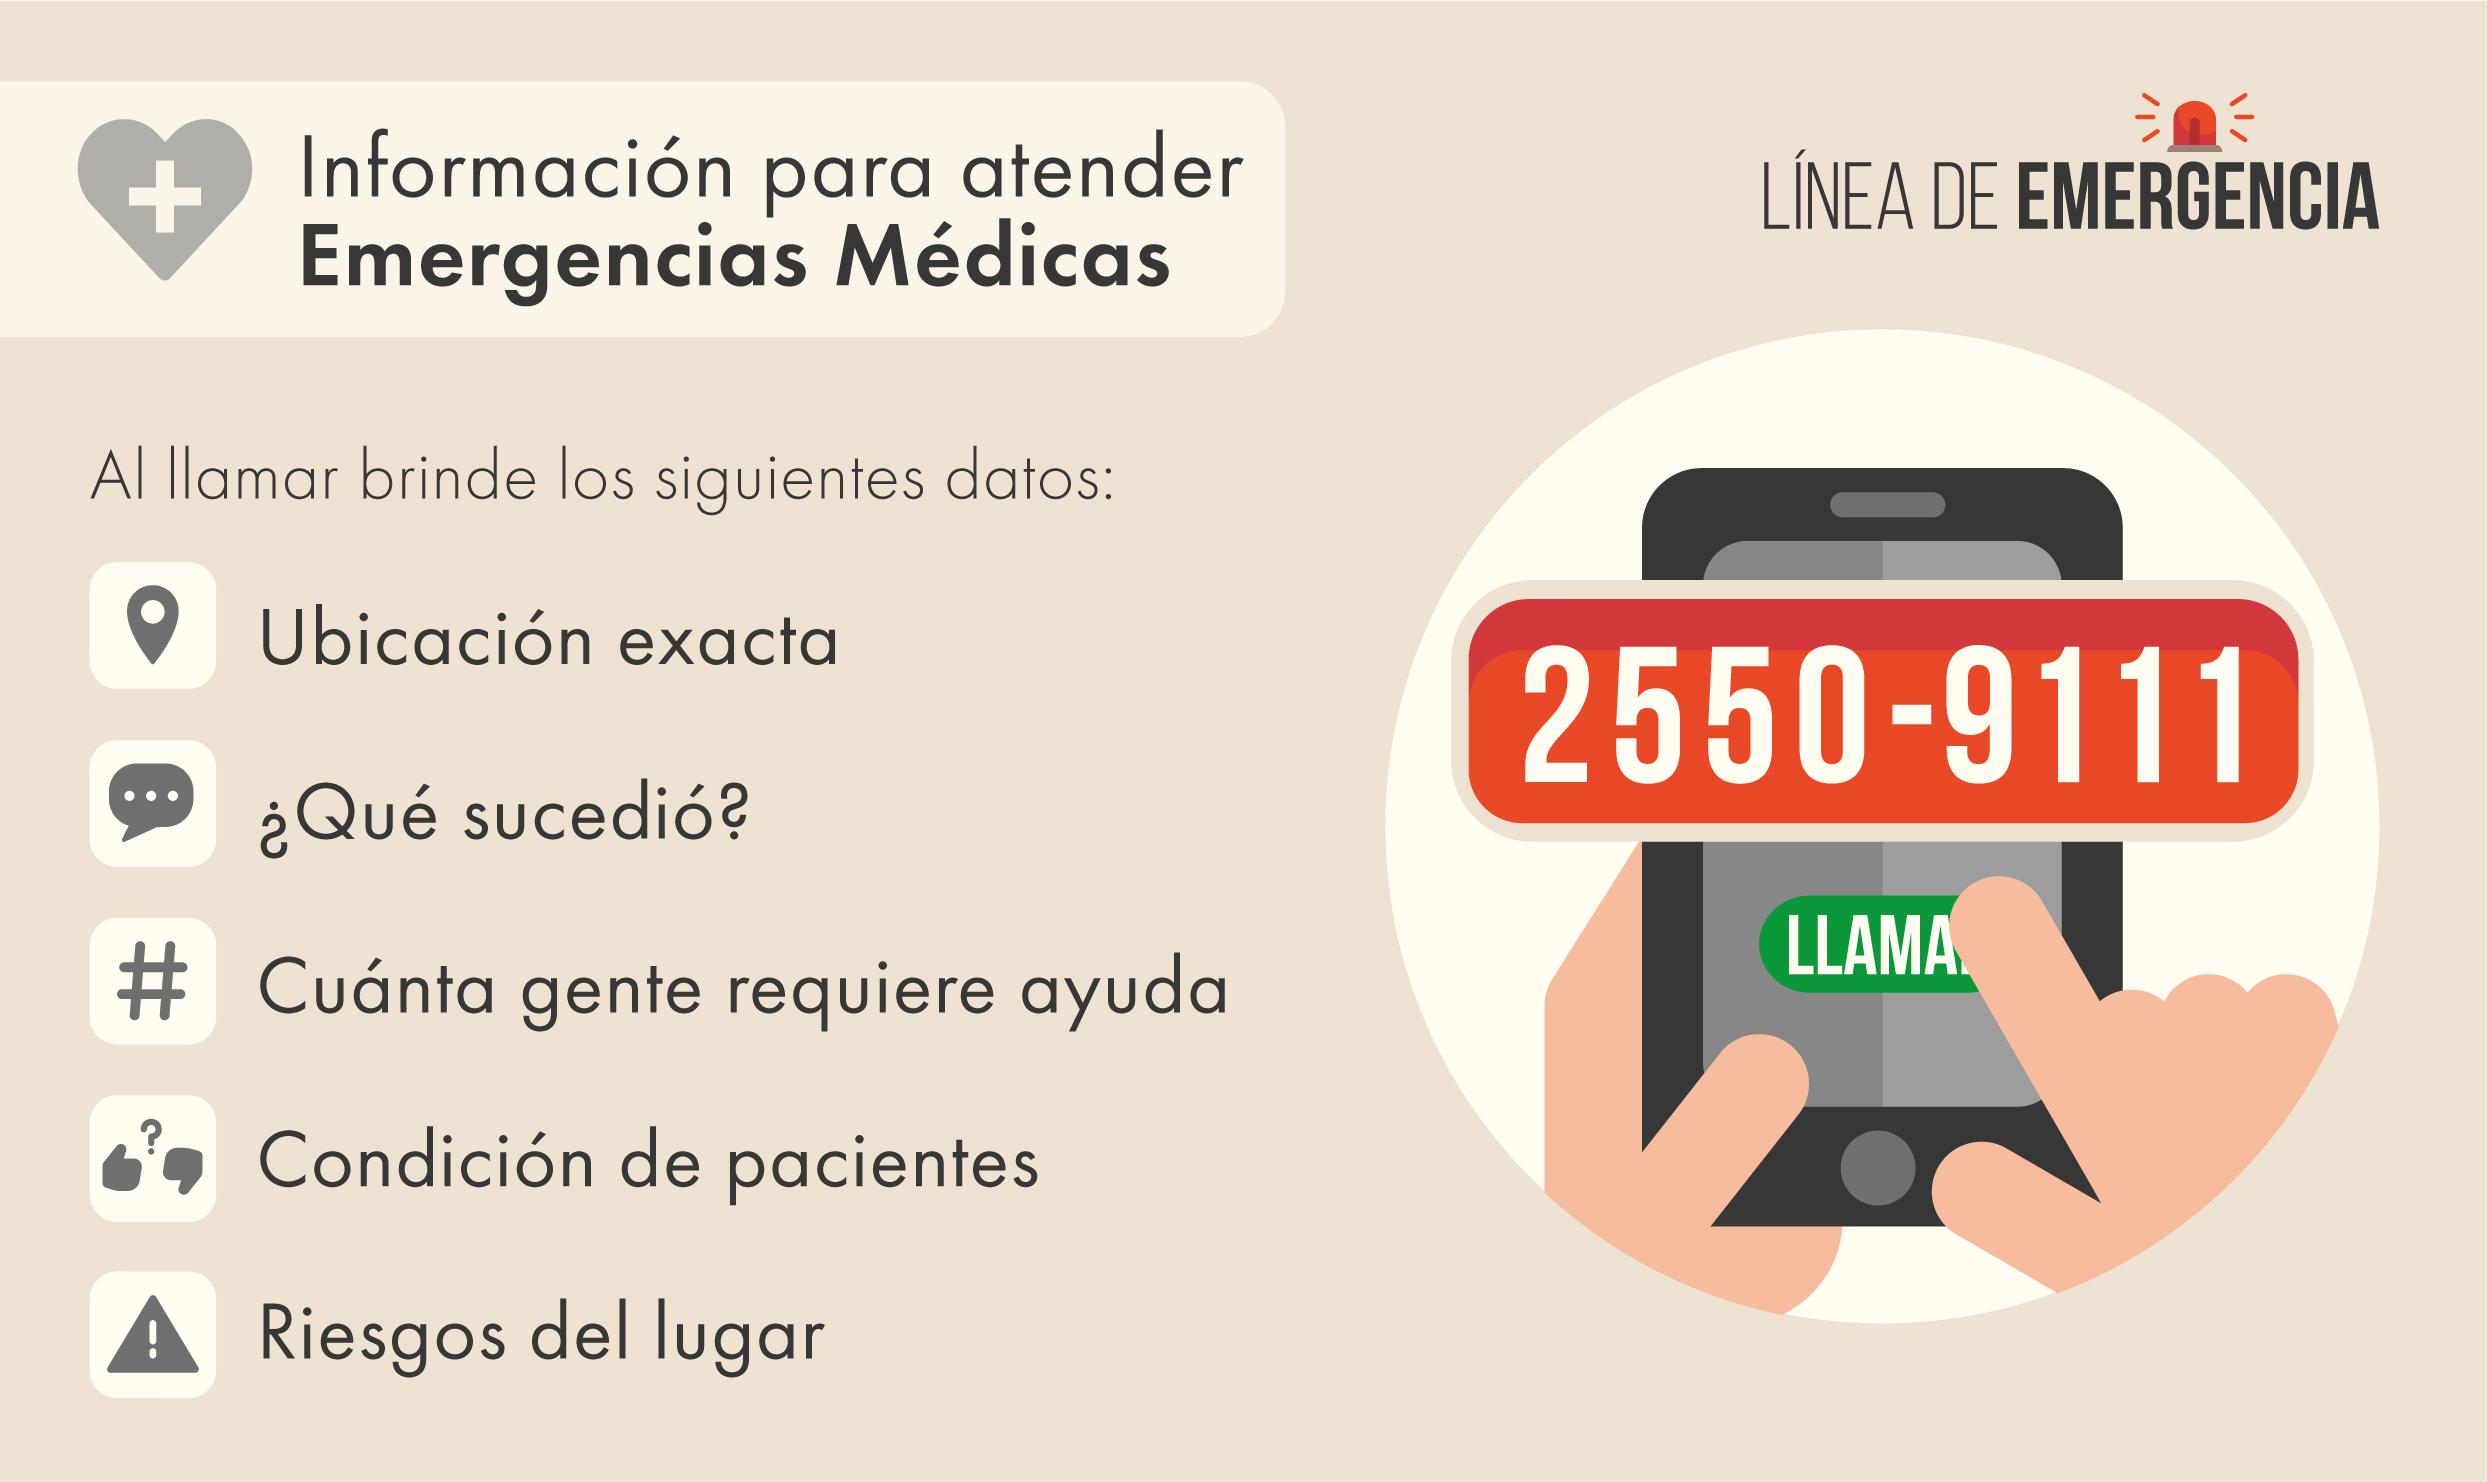 En caso de Emergencia médica o de seguridad en el TEC llame a 25509111 Brinde información sobre ubicación, tipo de incidente, personas que requieren ayuda y riesgos en el lugar